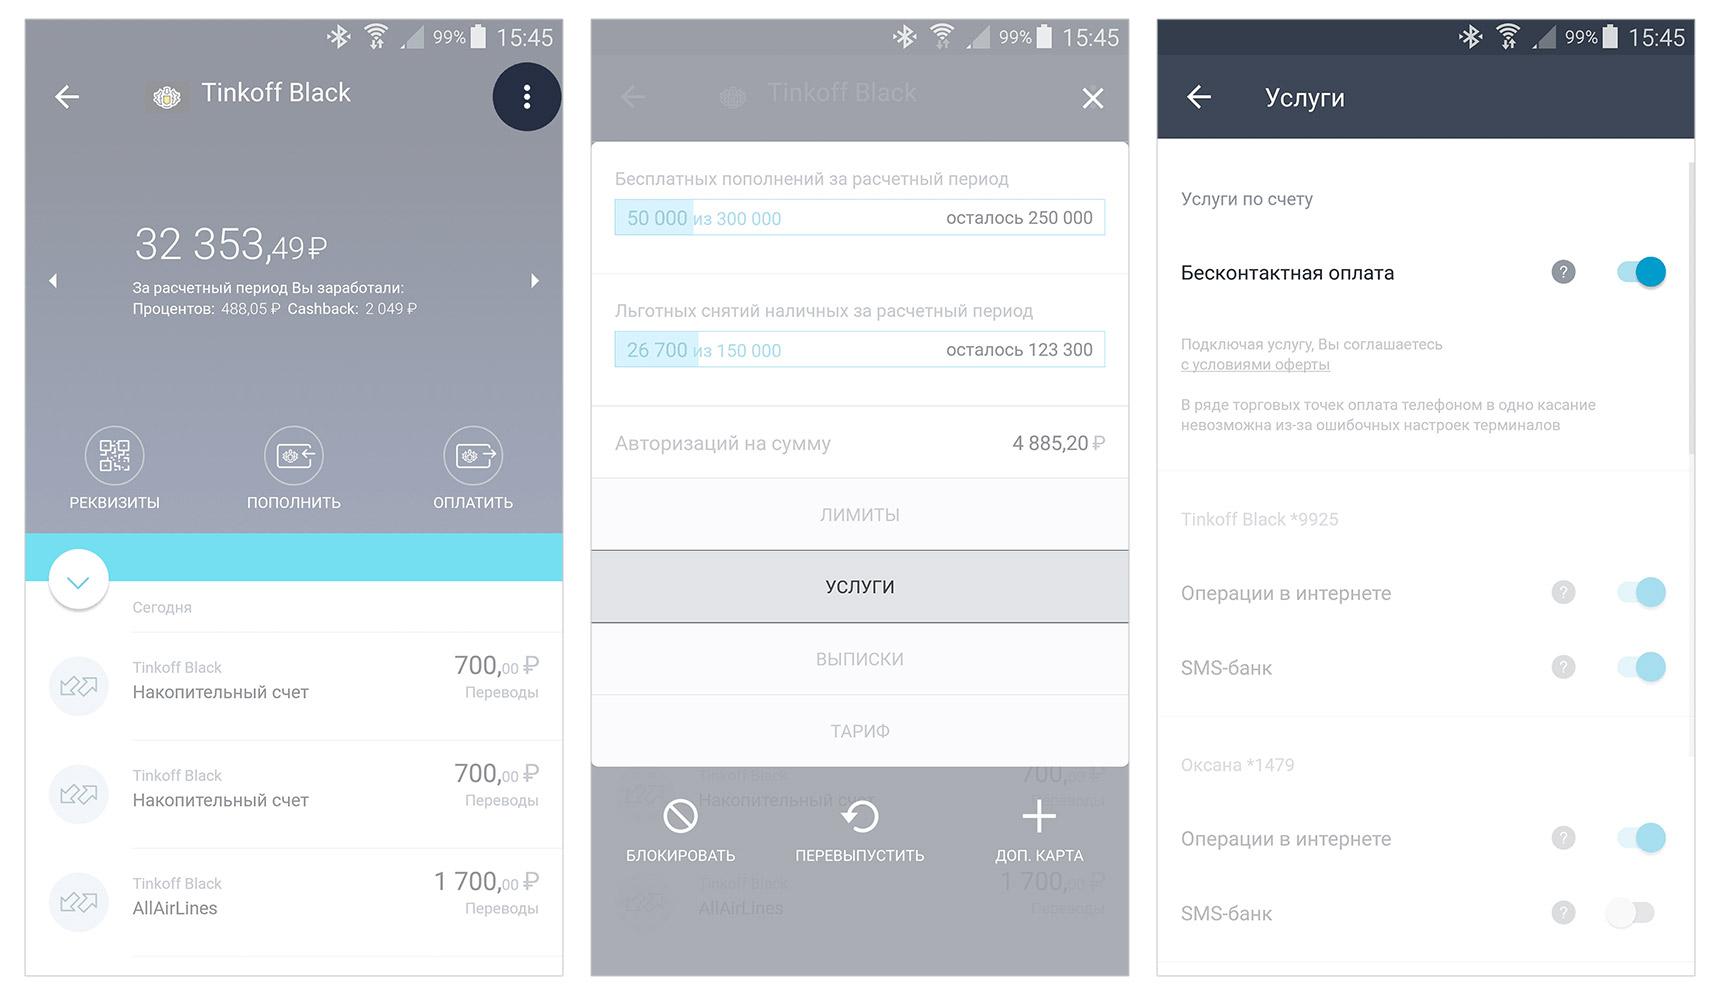 Как оплачивать покупки телефоном вместо карты Сбербанка на Андроид или Айфон